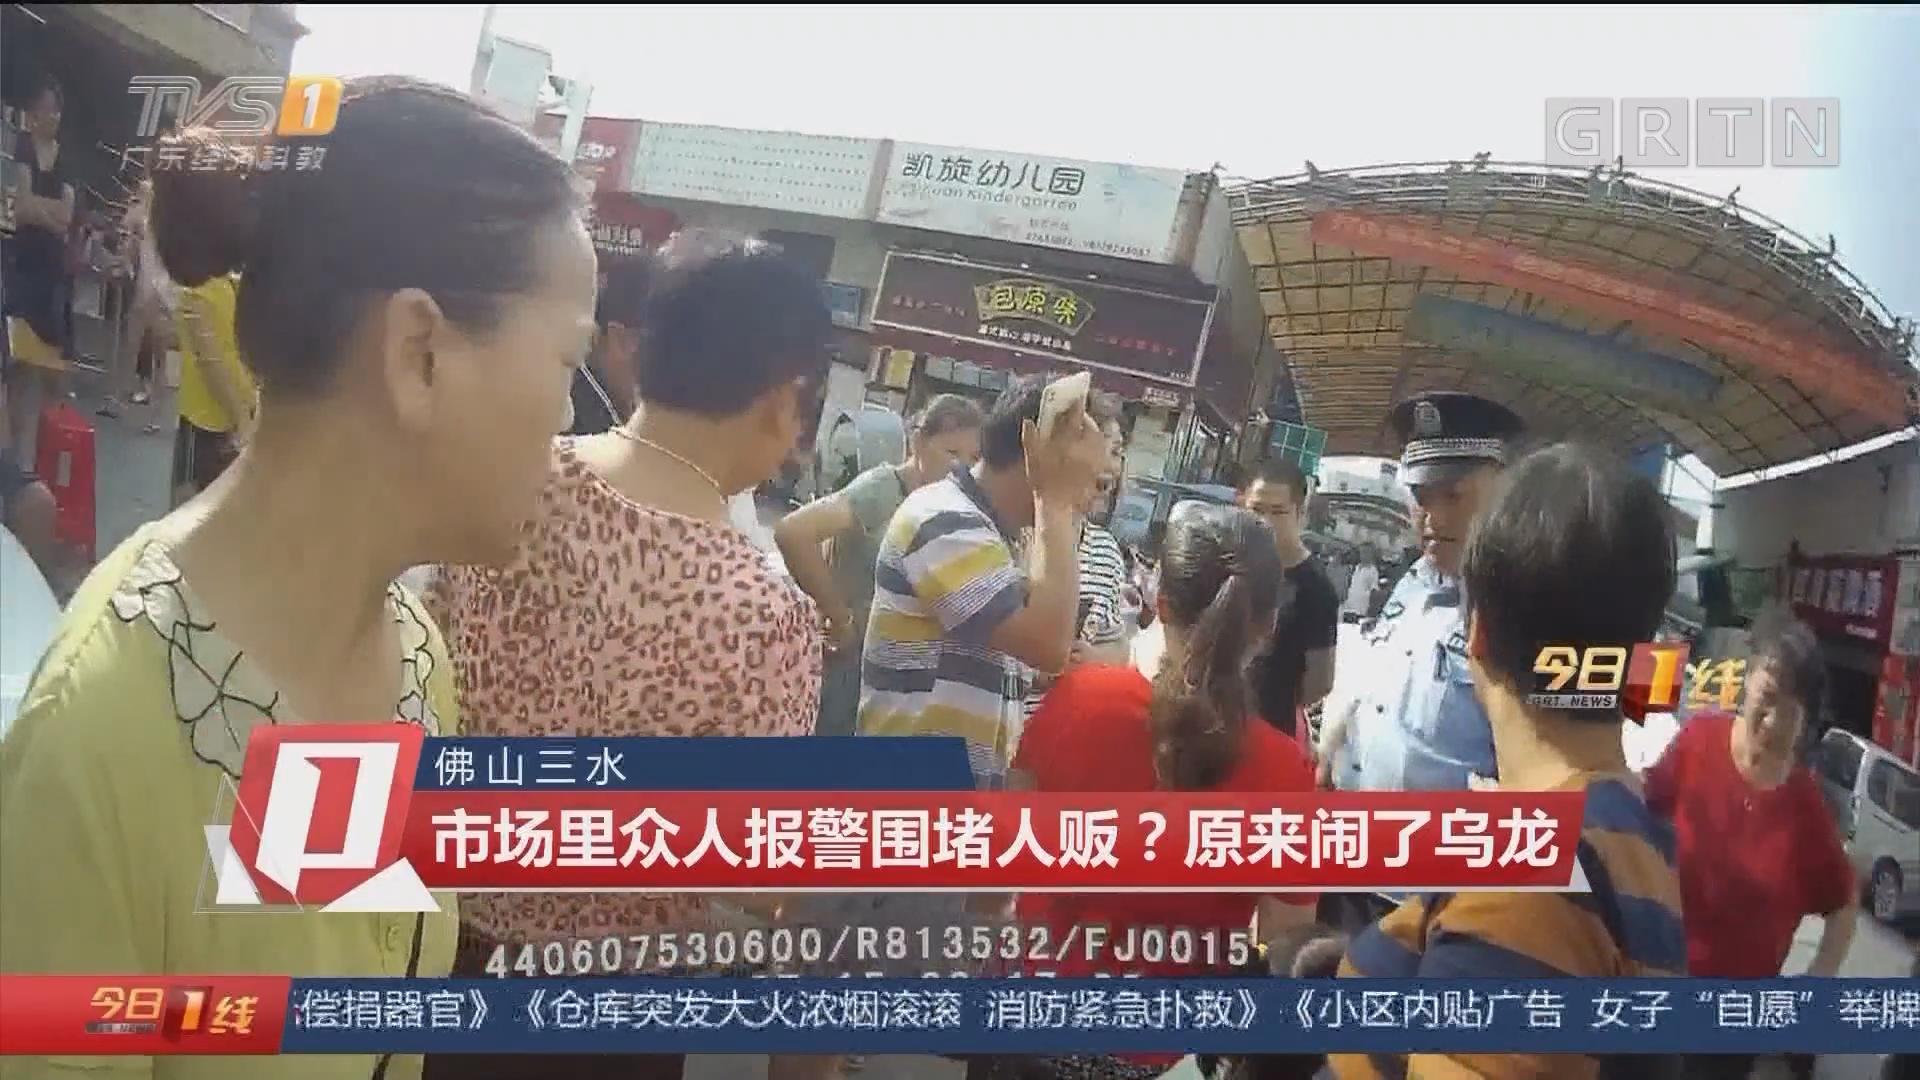 佛山三水:市场里众人报警围堵人贩?原来闹了乌龙